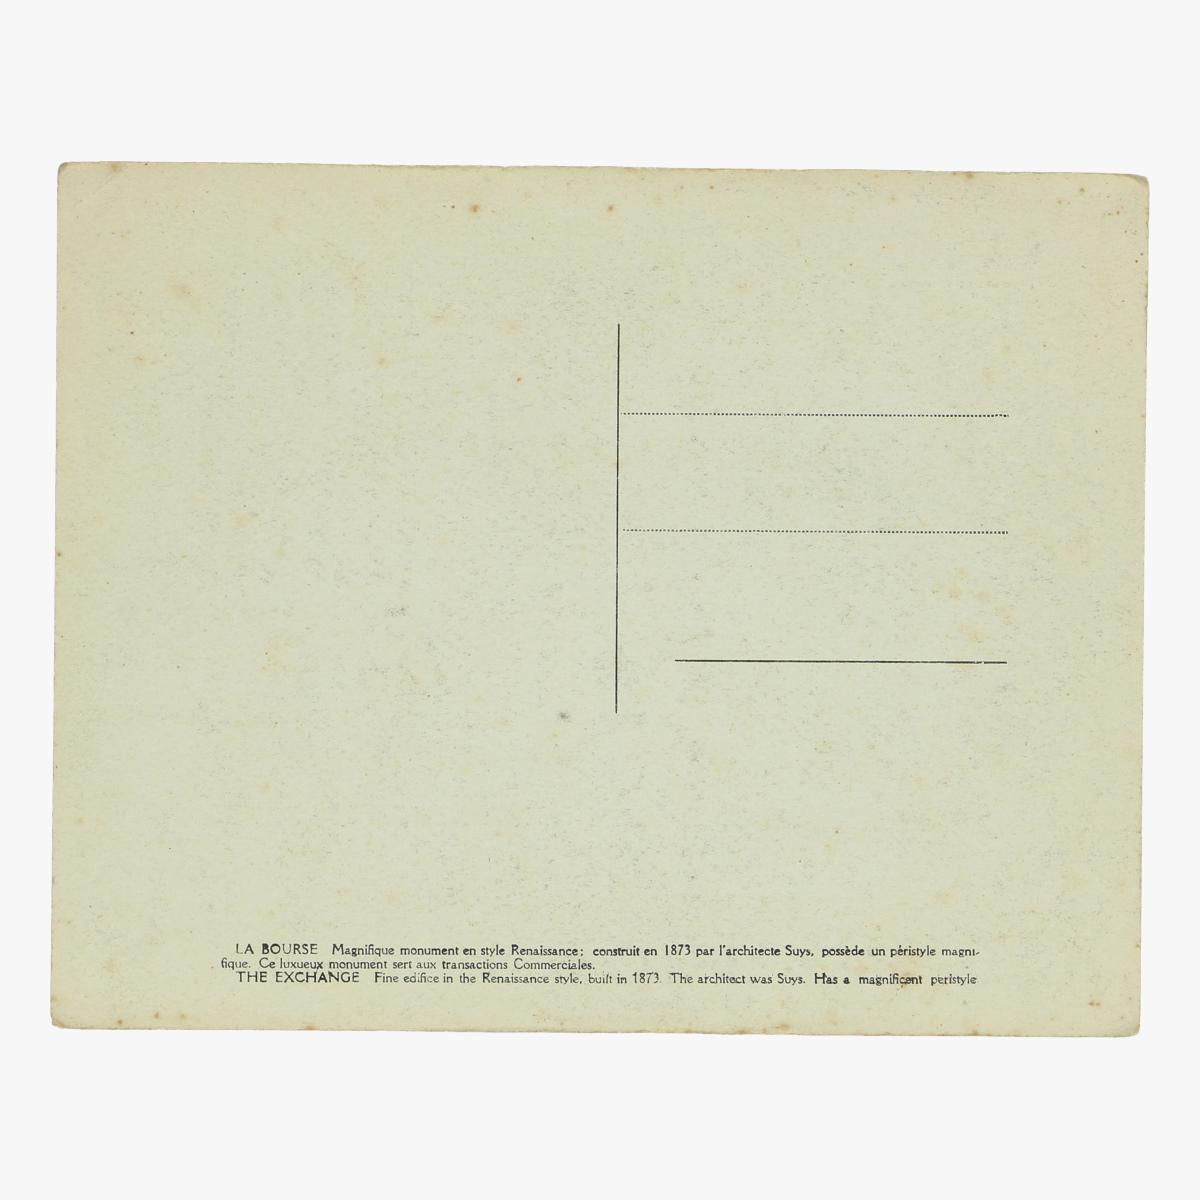 Afbeeldingen van oude postkaart van bruxelles la bourse